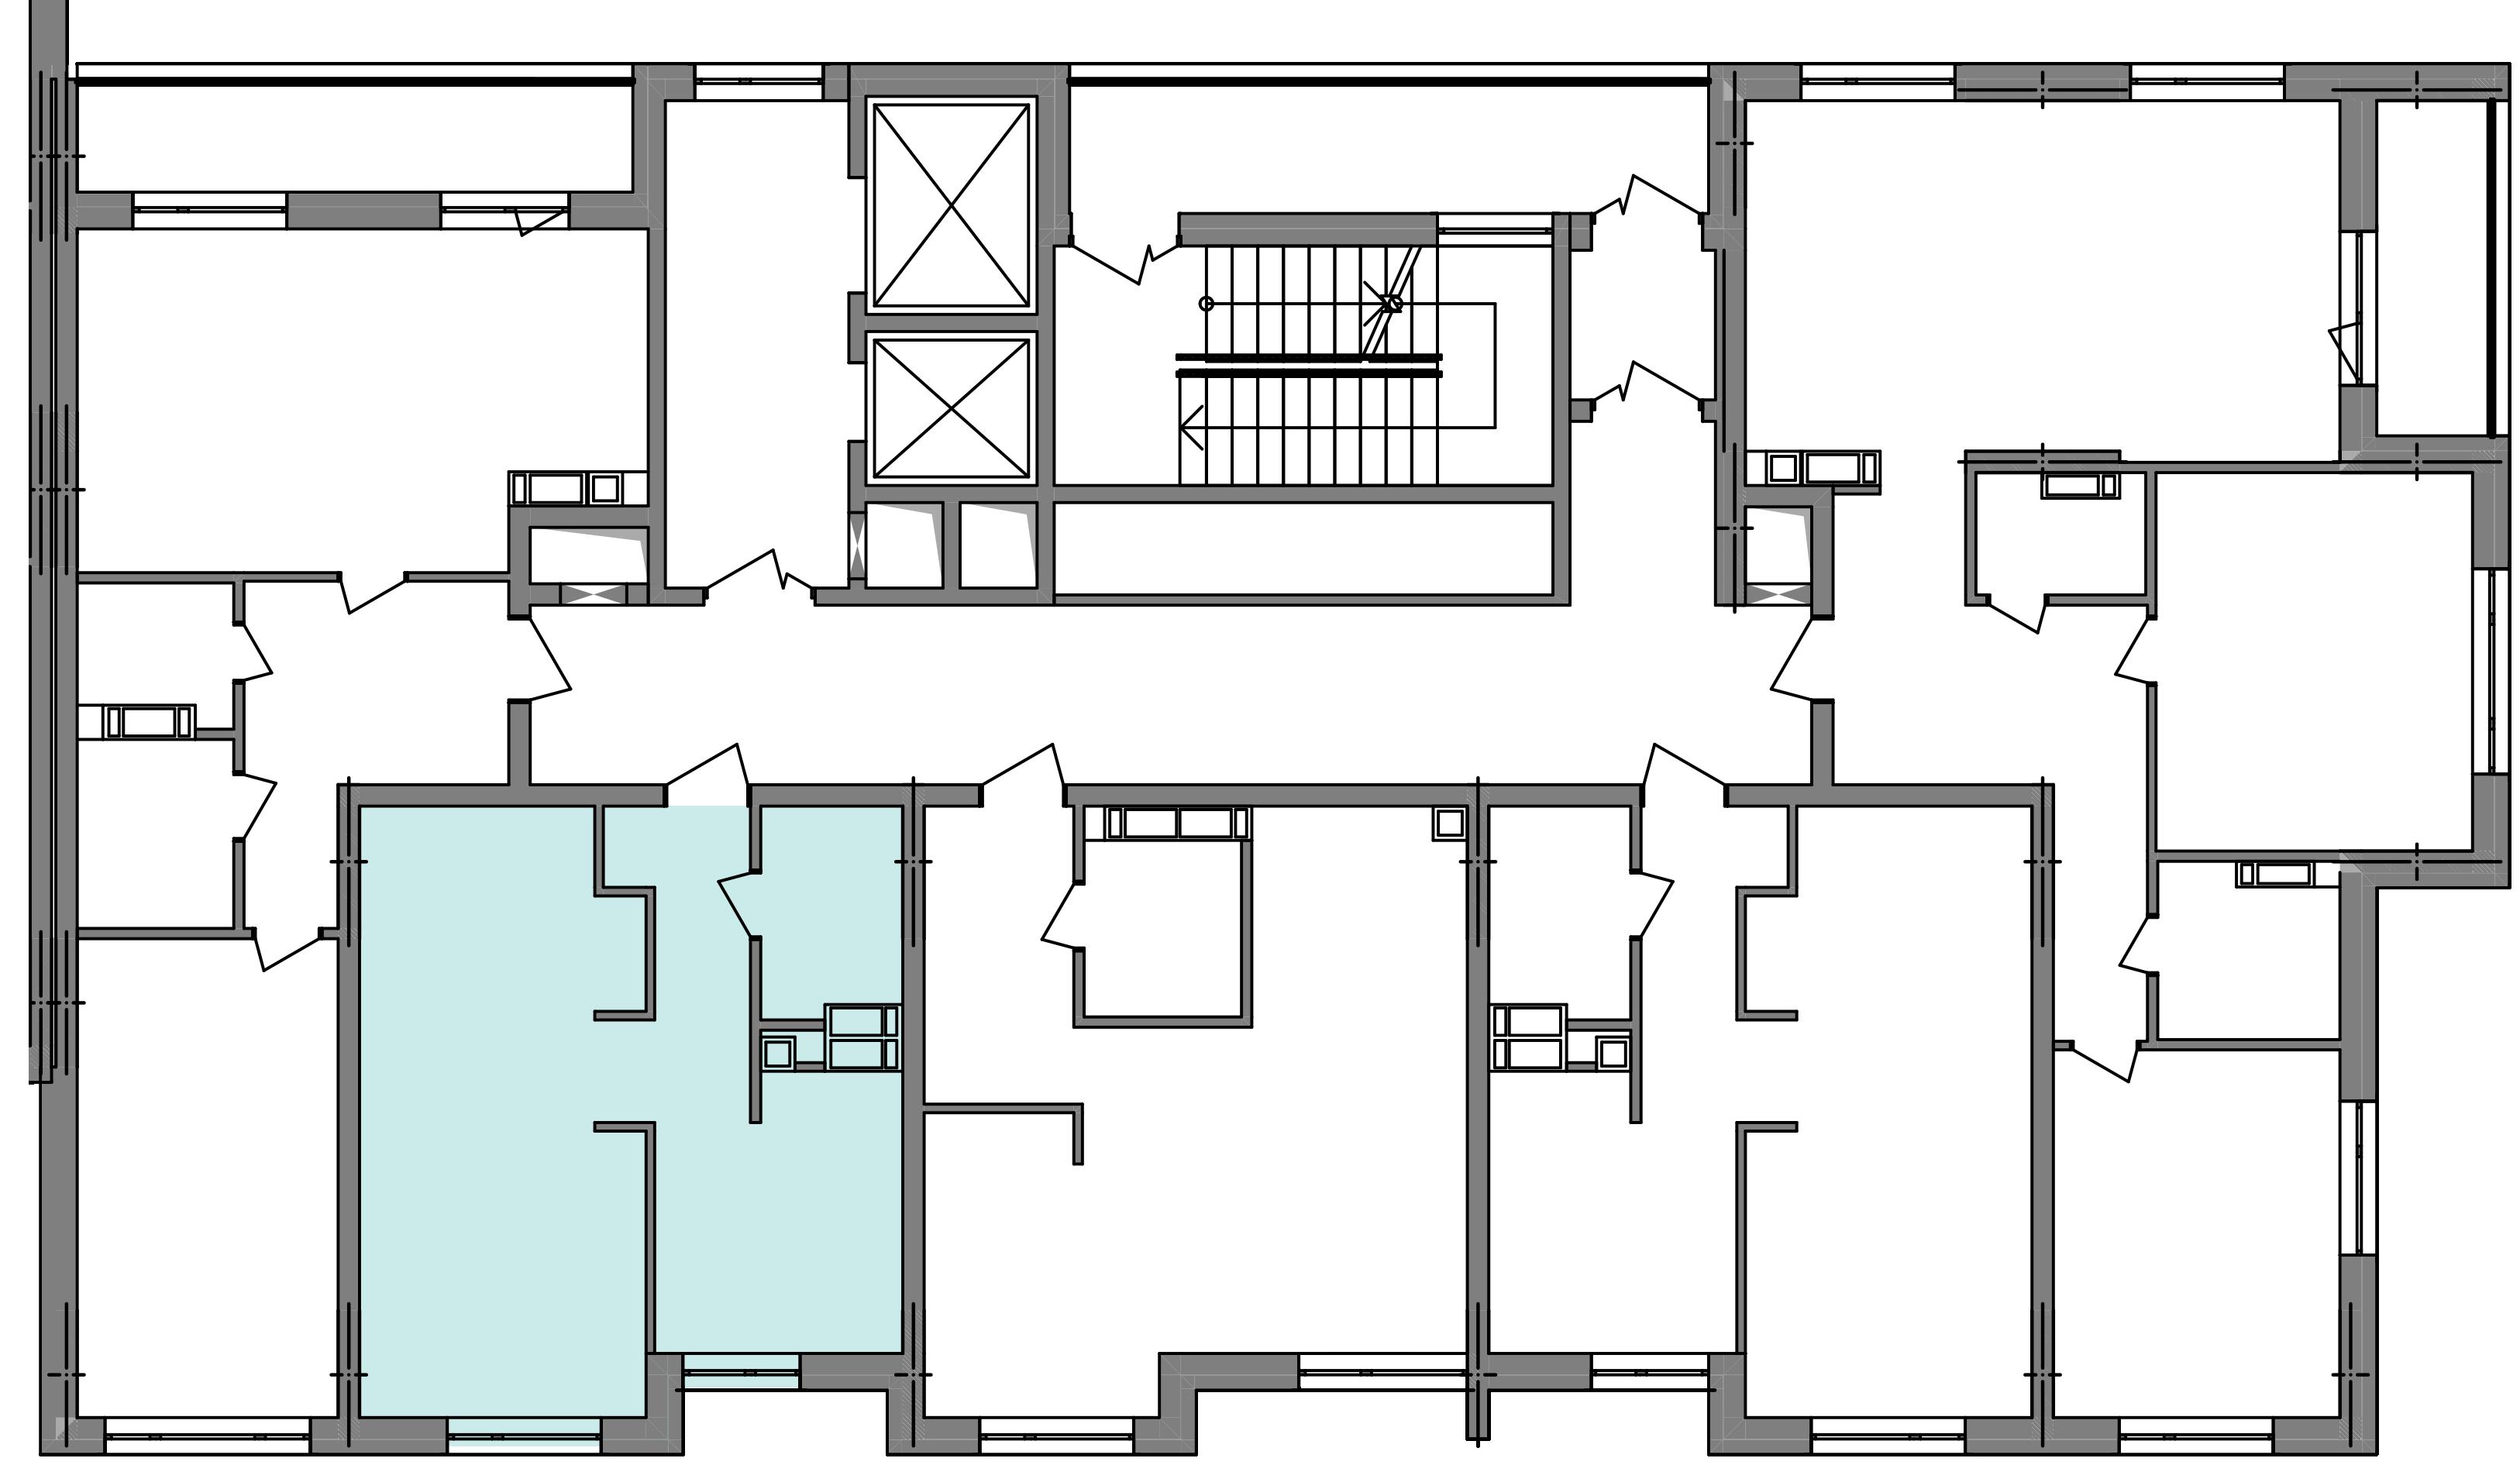 Однокомнатная квартира 39,77 кв.м., тип 1.3, дом 3 секция 5 расположение на этаже